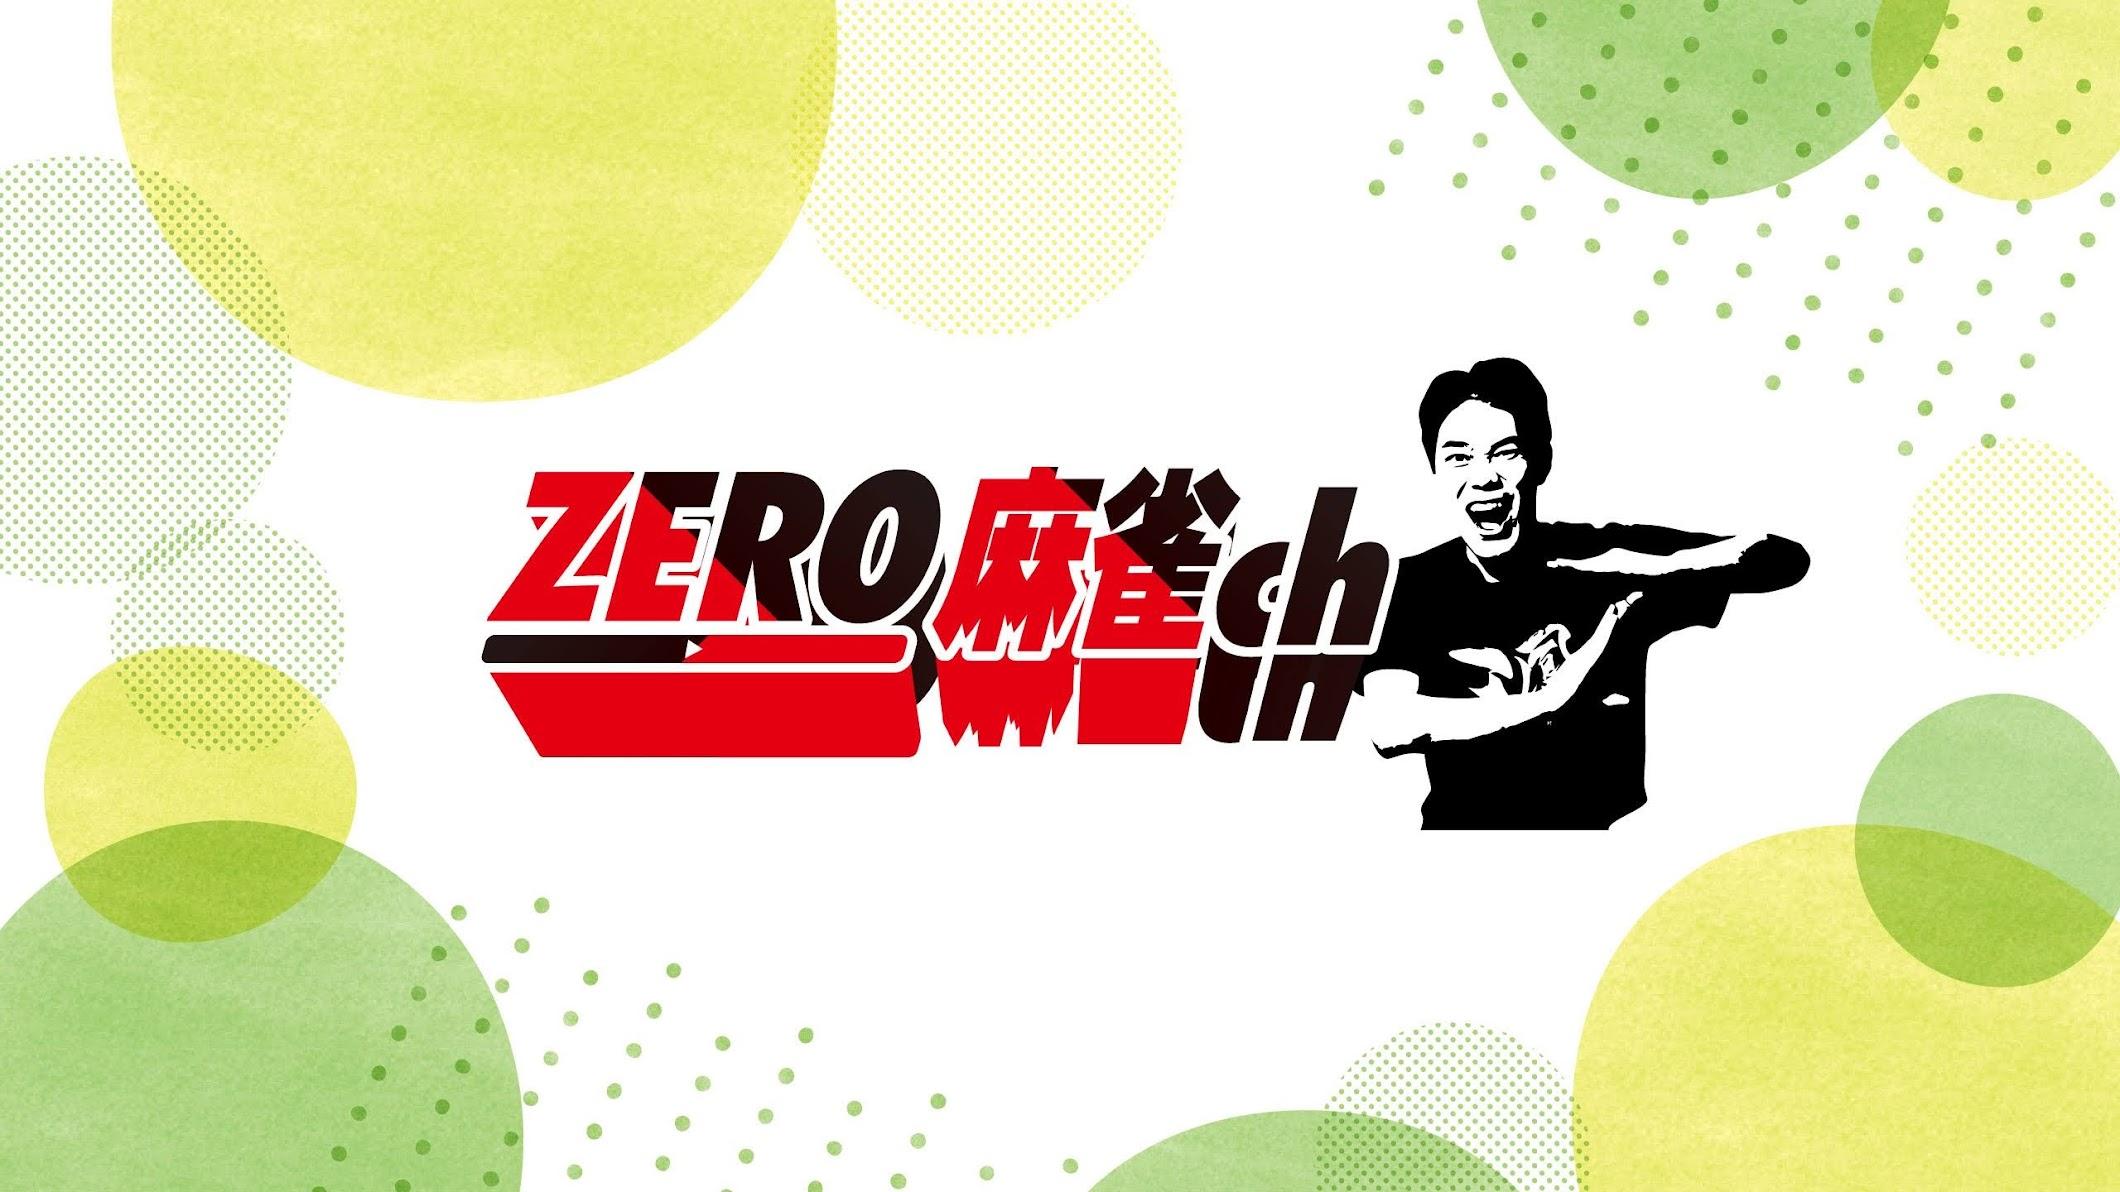 ZEROの麻雀チャンネル